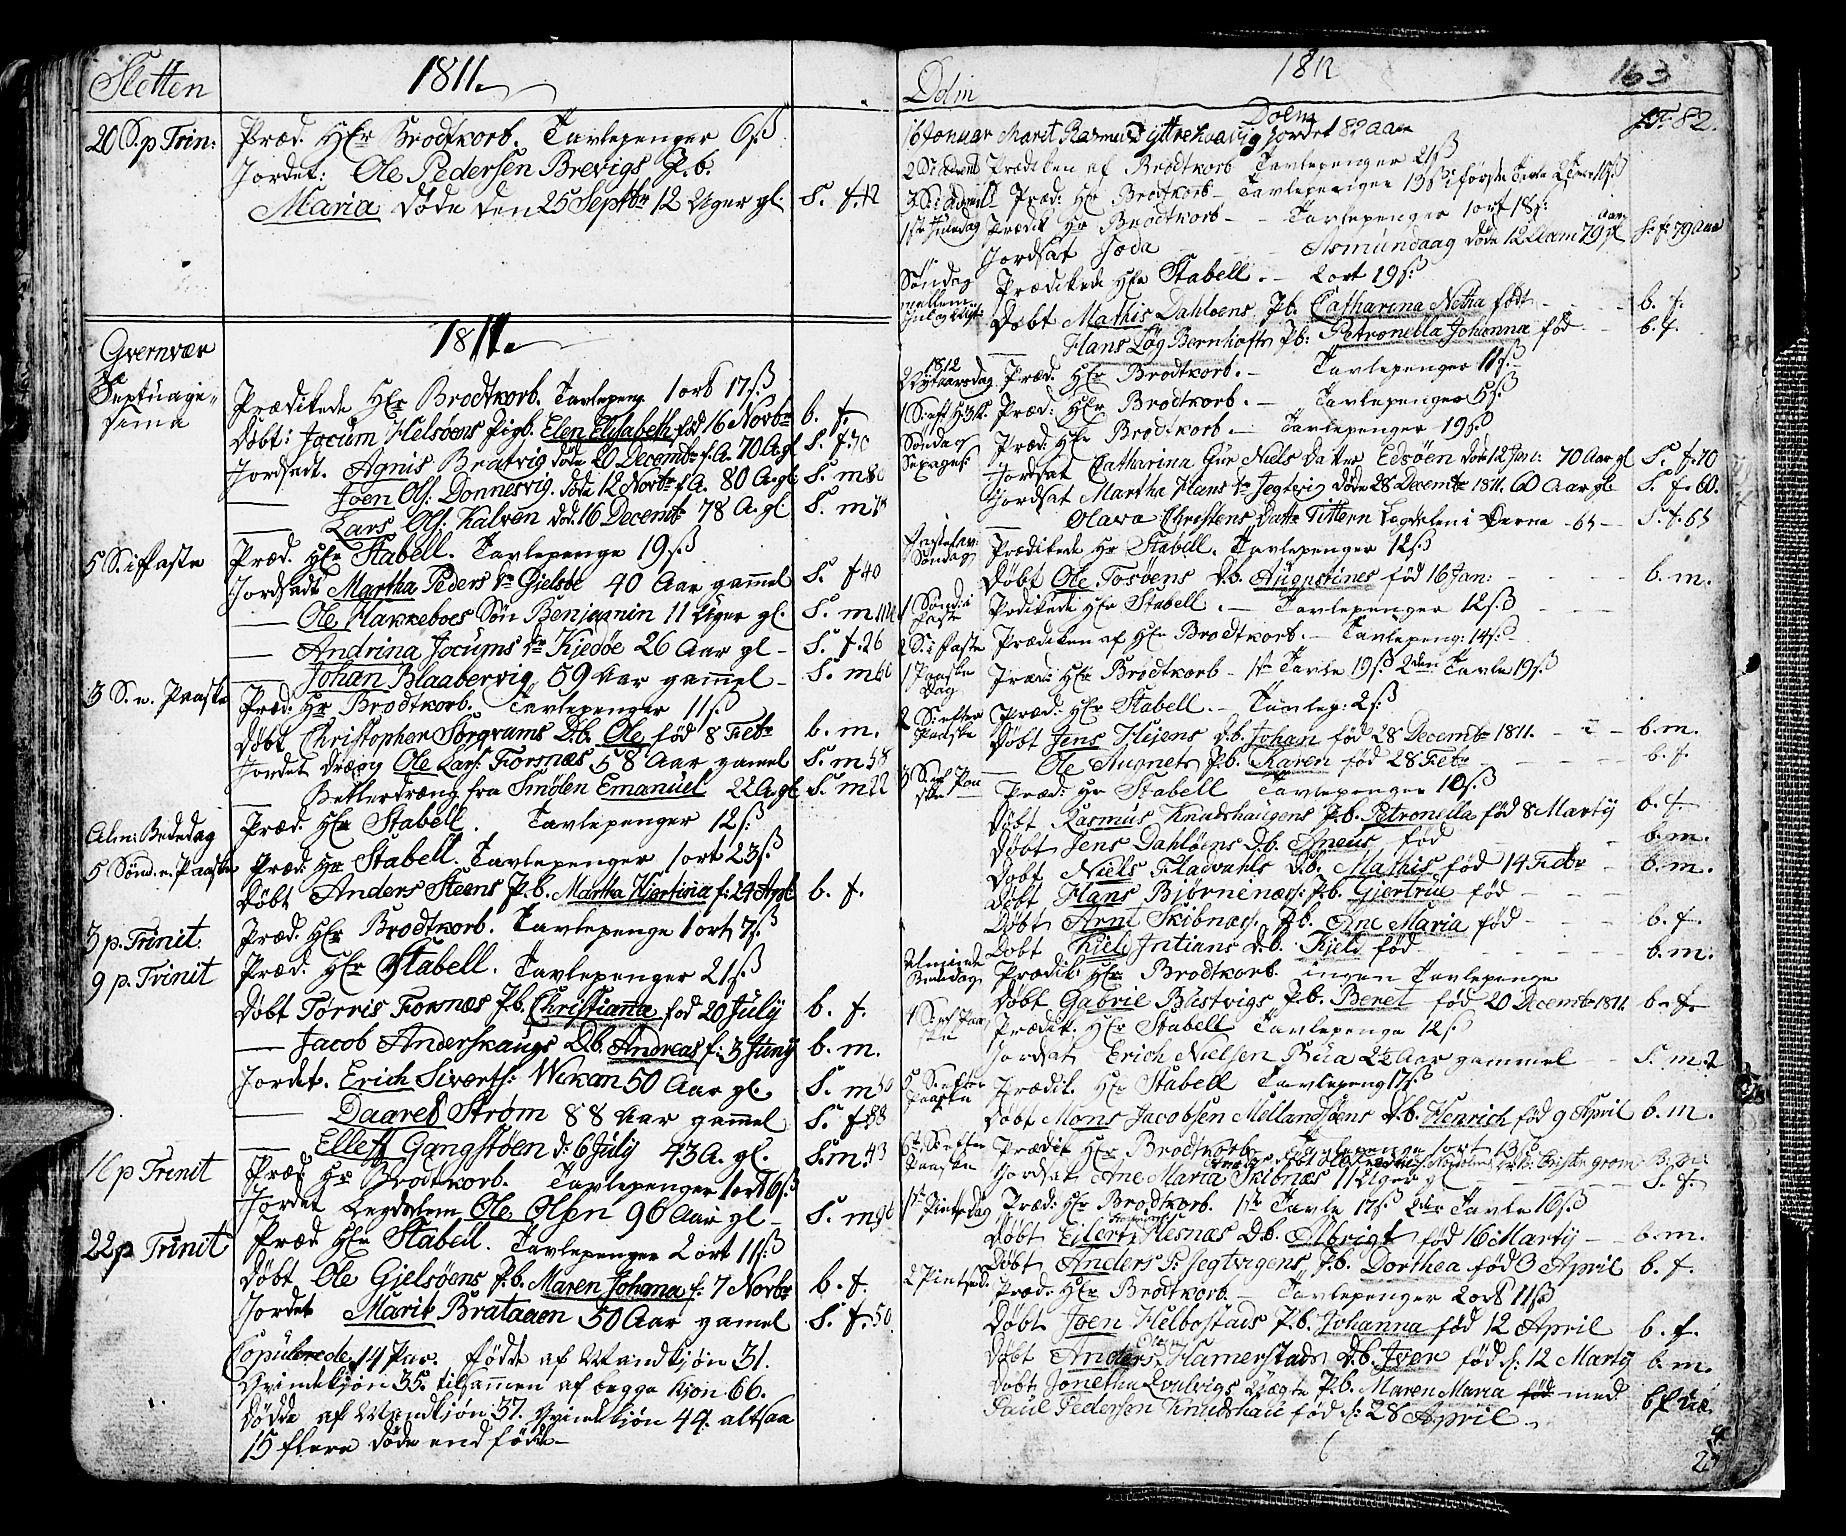 SAT, Ministerialprotokoller, klokkerbøker og fødselsregistre - Sør-Trøndelag, 634/L0526: Ministerialbok nr. 634A02, 1775-1818, s. 163